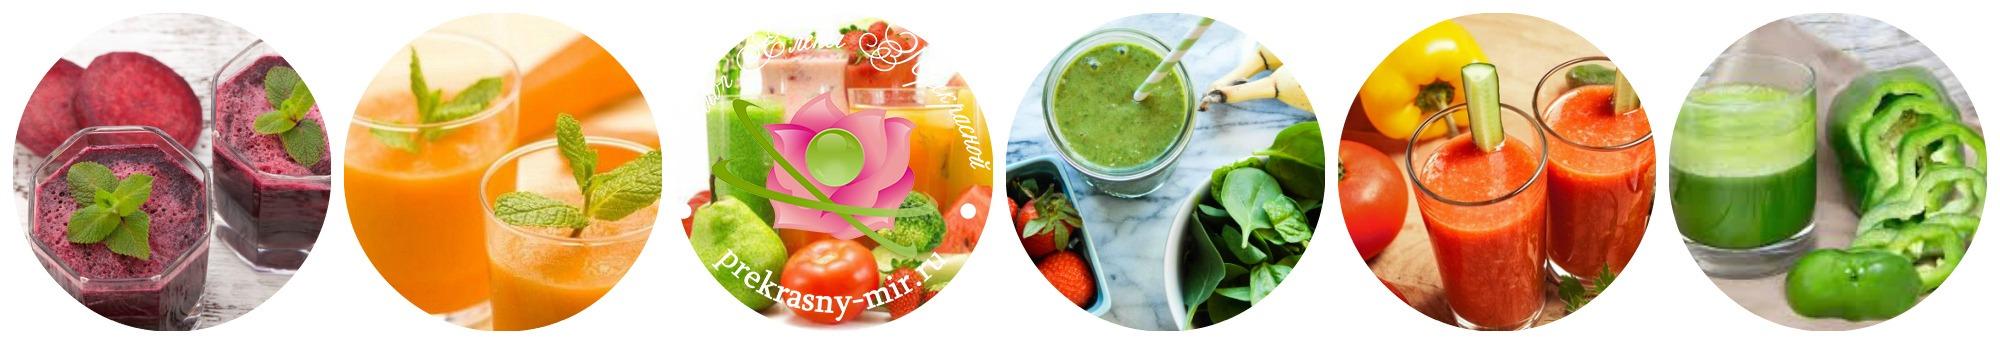 овощные смузи рецепты